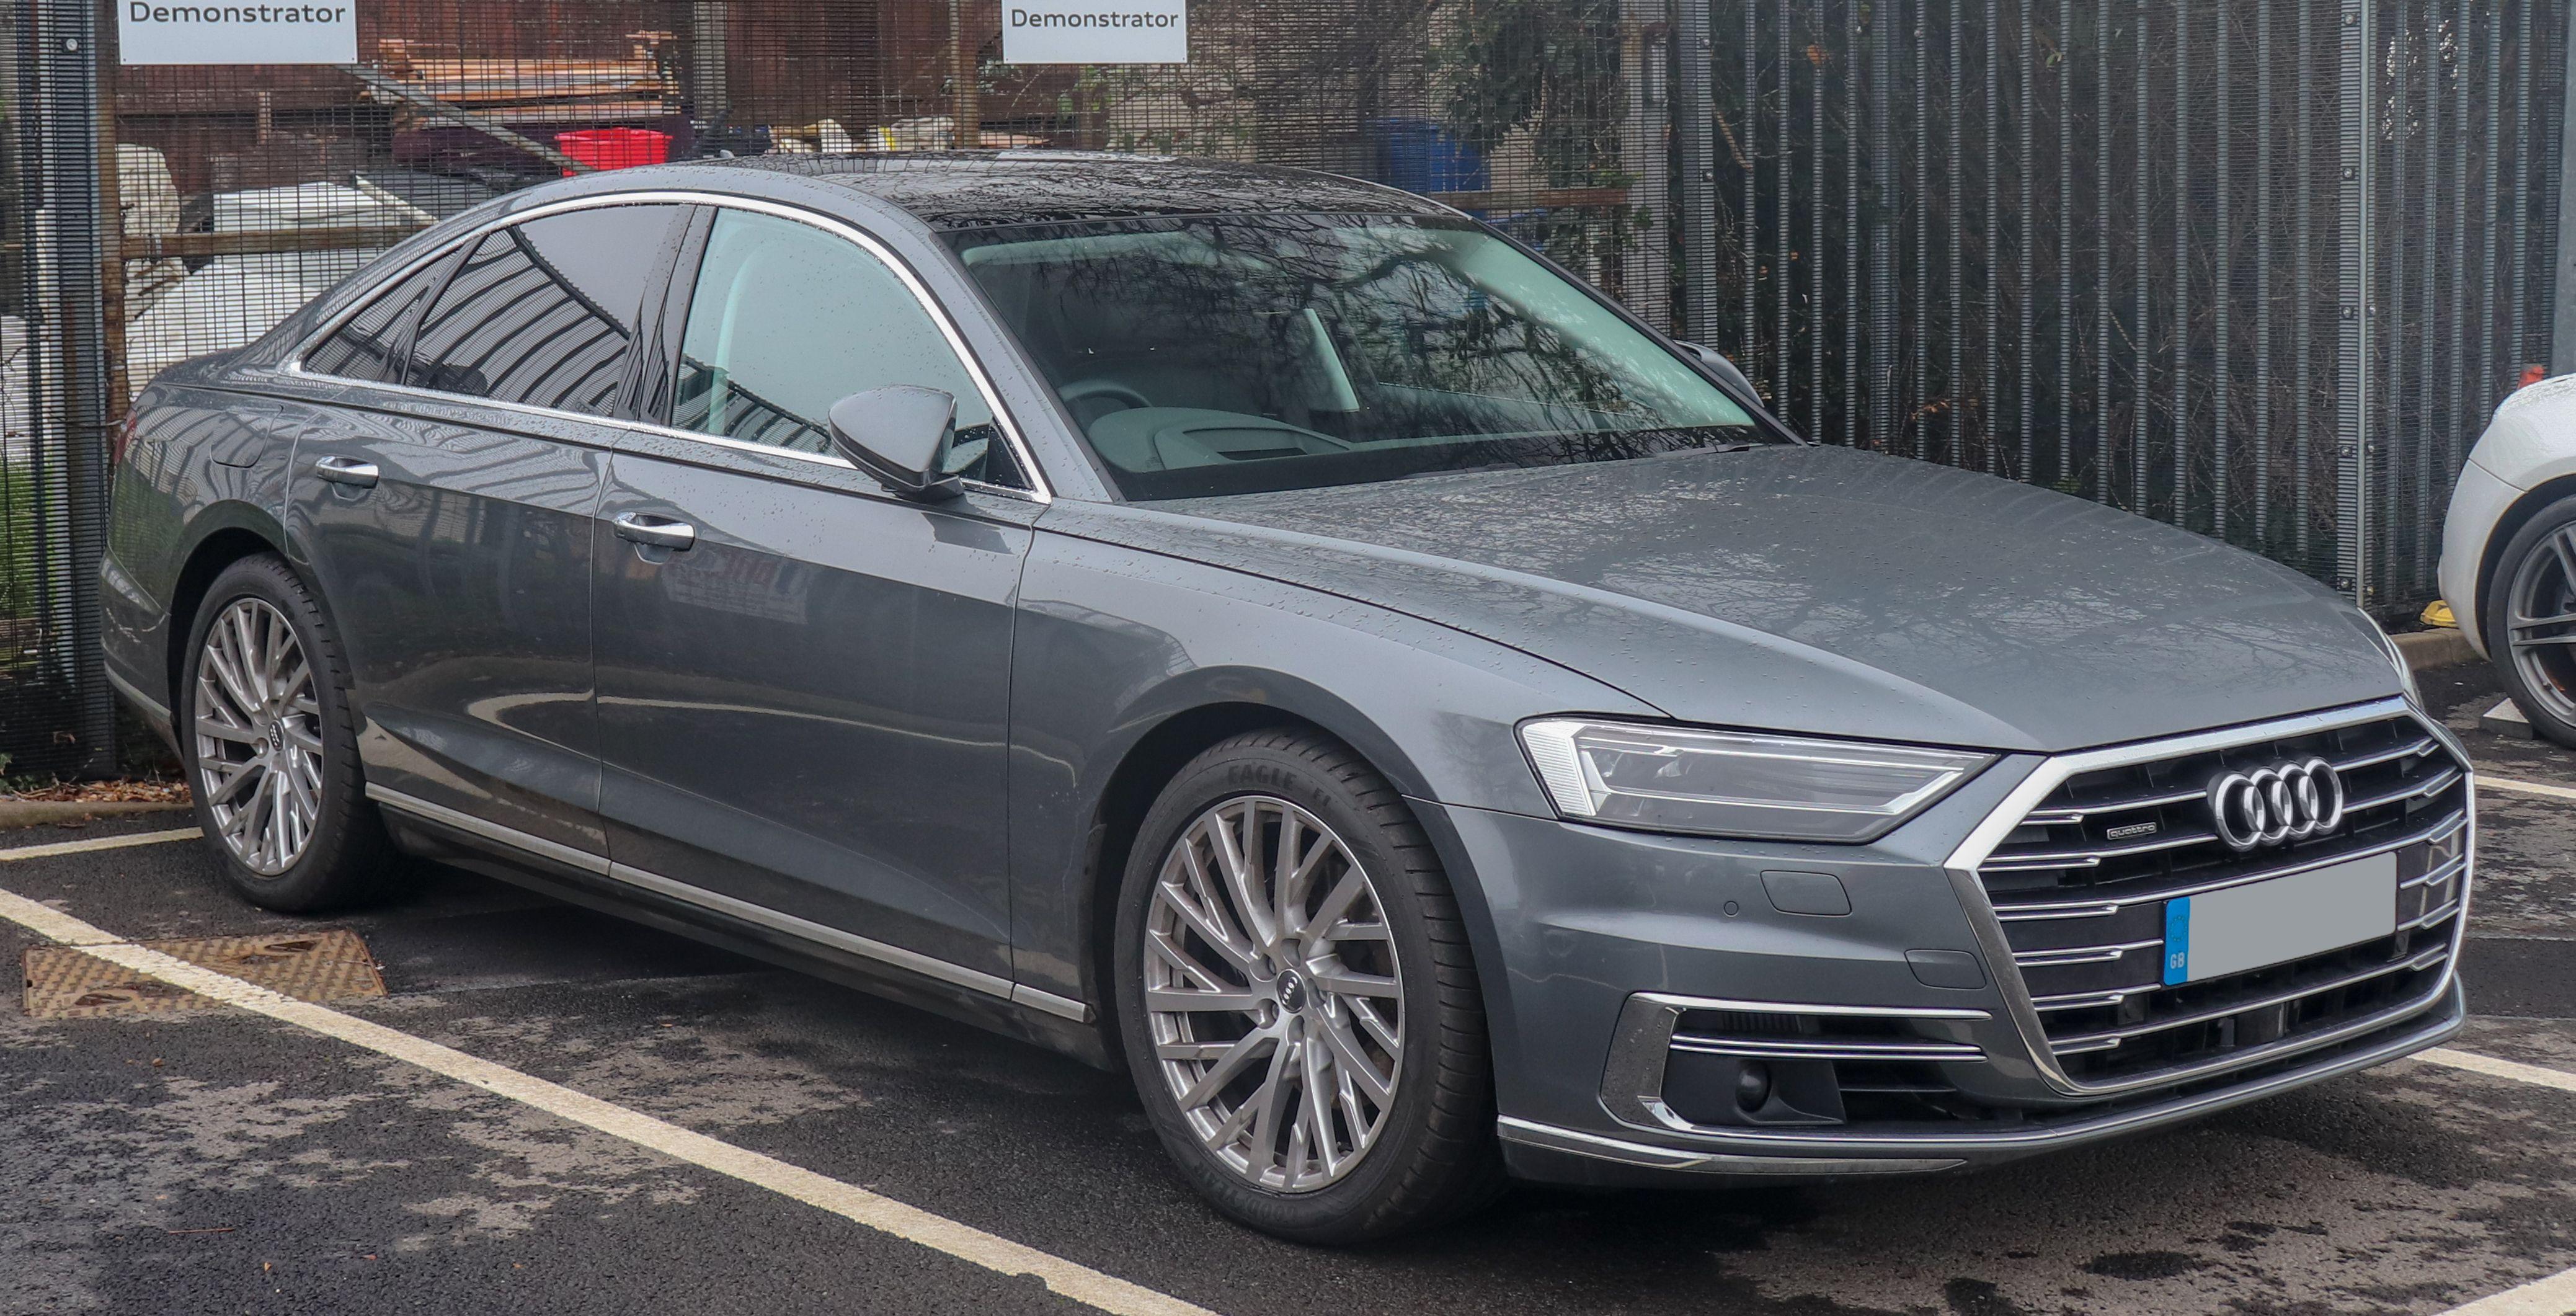 Audi A8 In 2020 Audi A8 Audi Audi A6